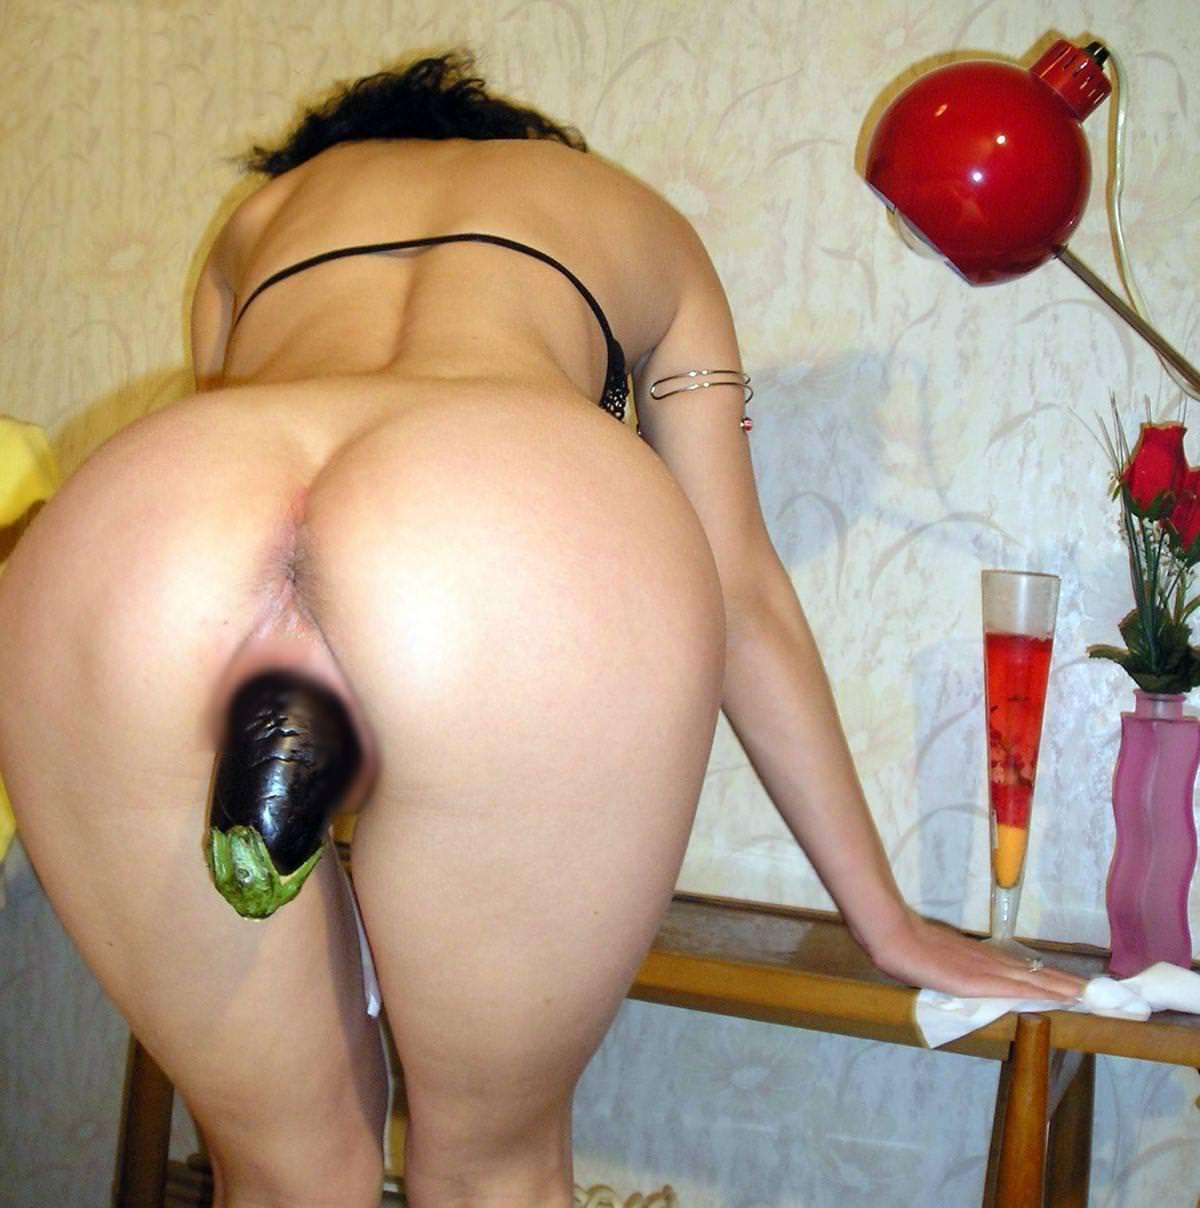 まんこに極太の野菜を突っ込んでオナニーしてる変態娘のヤバイエロ画像 158